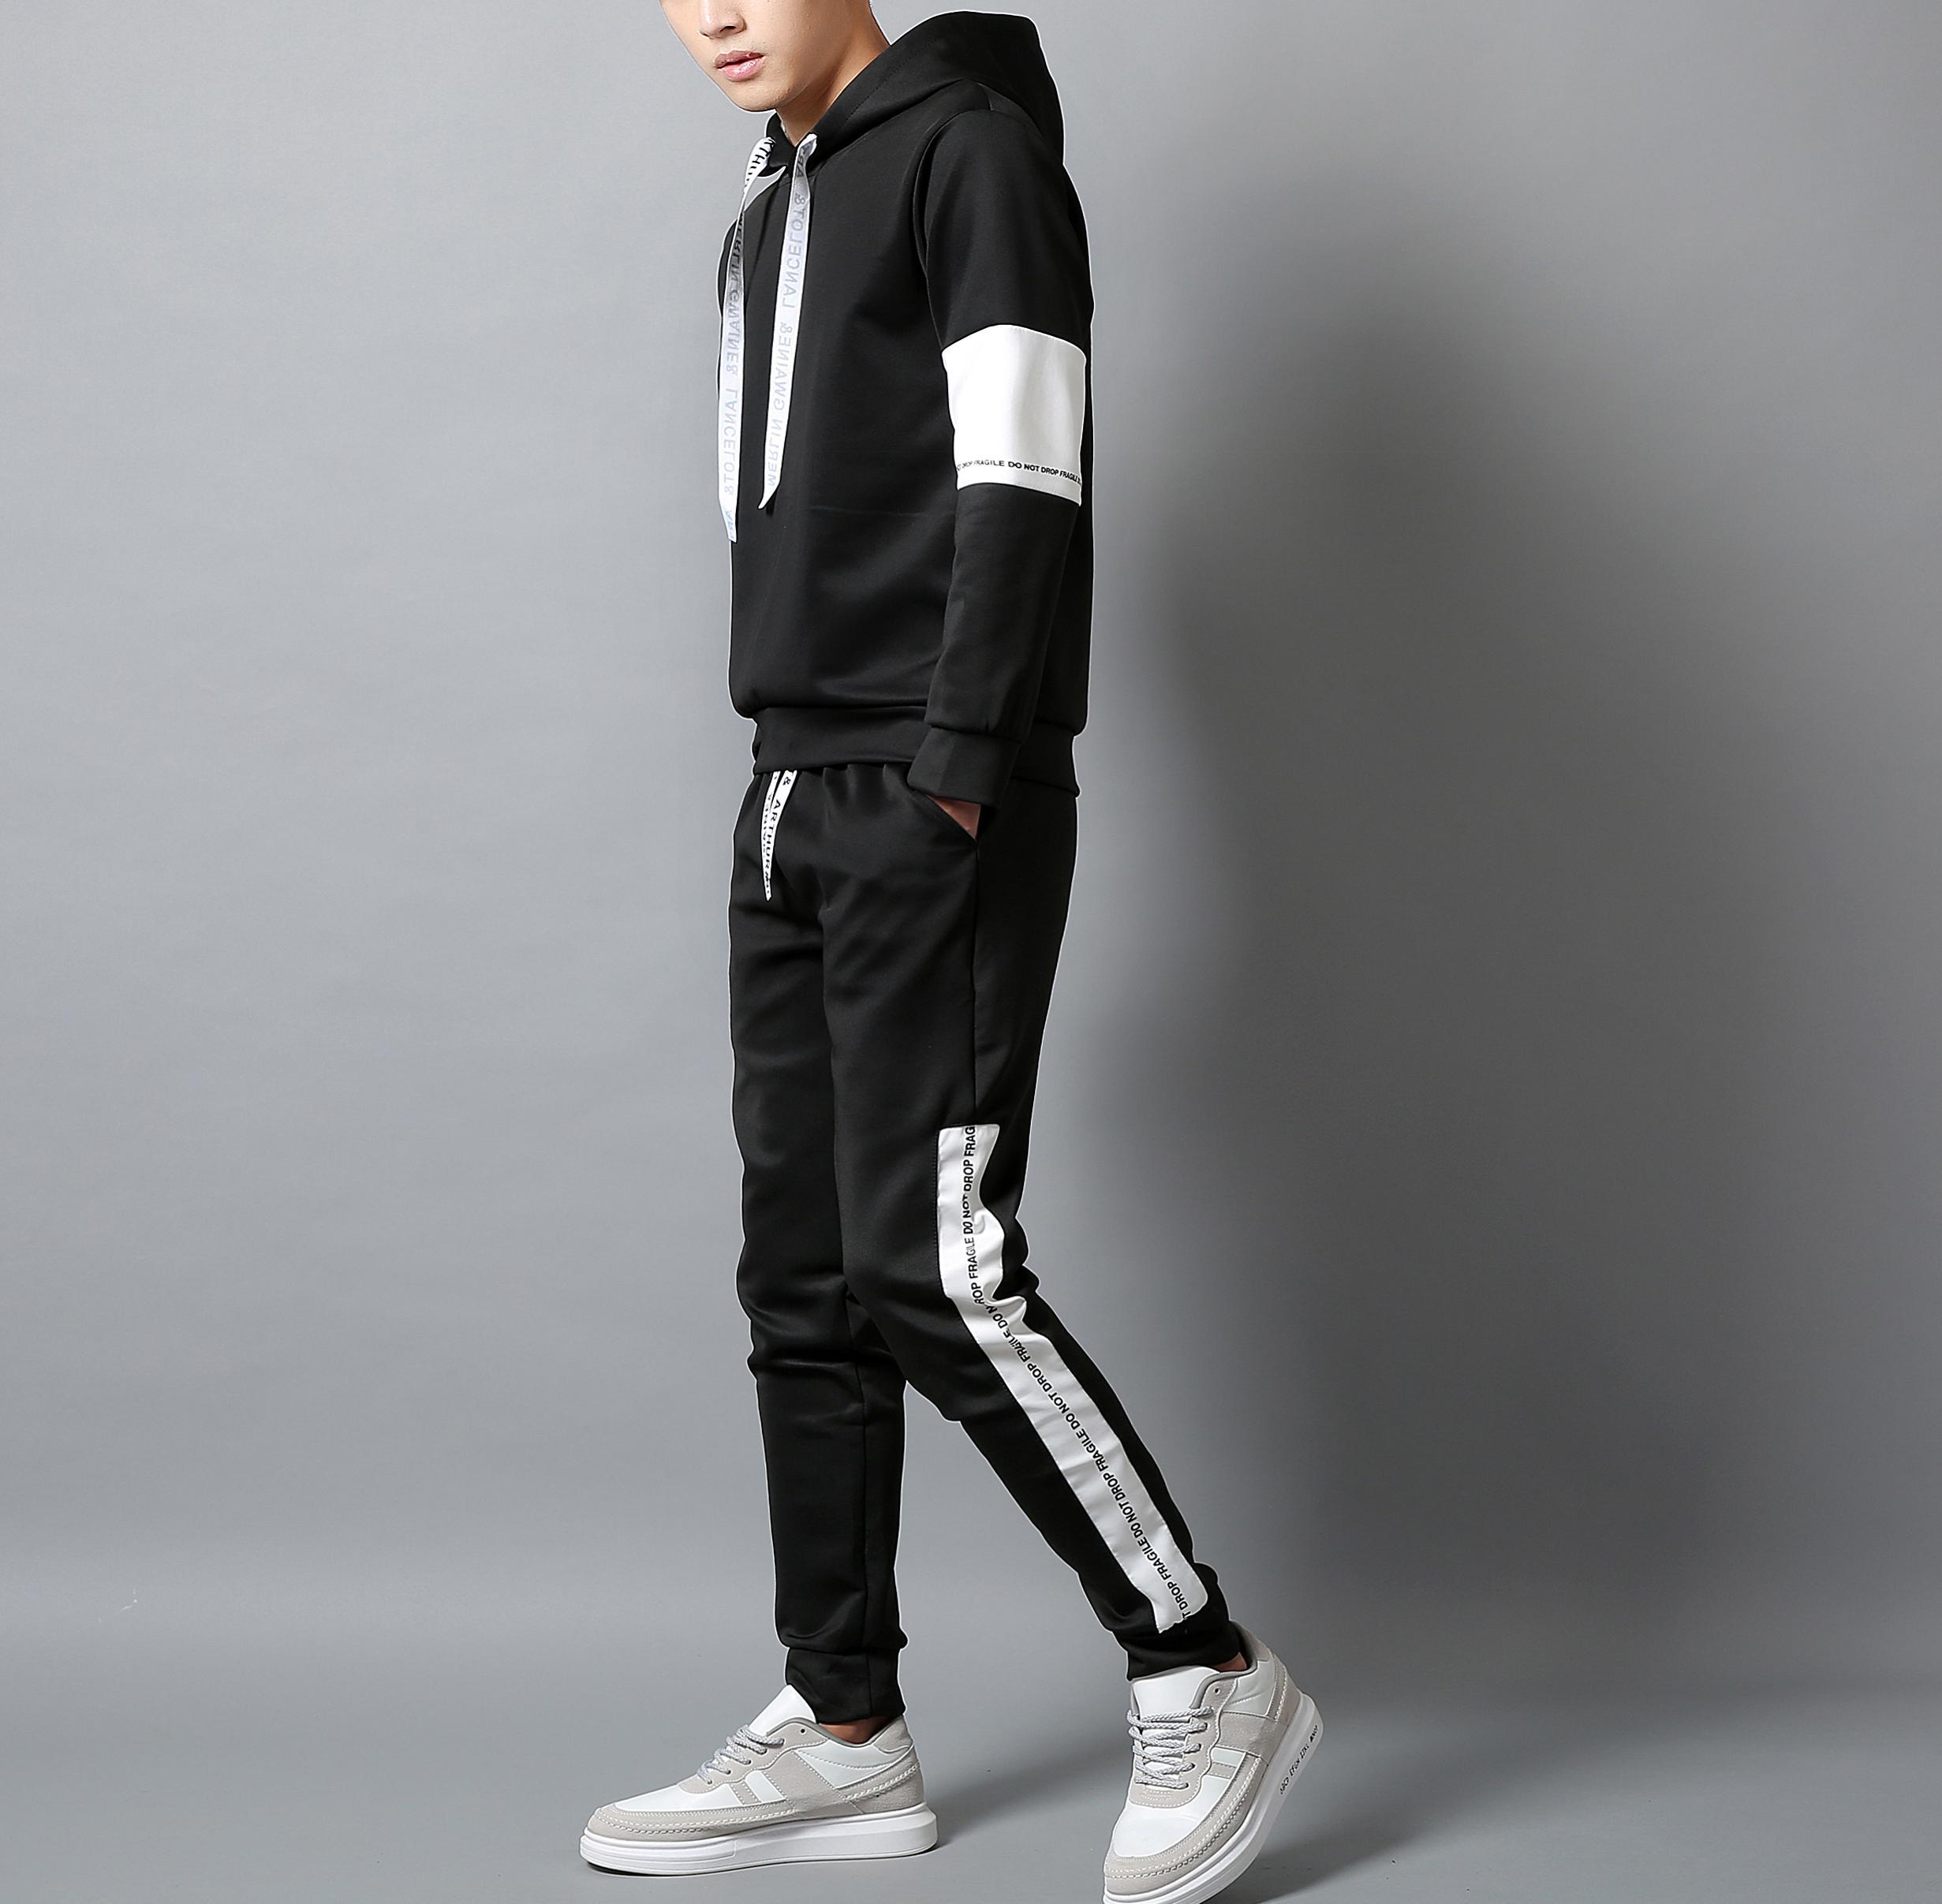 Men Sets Hooded Sport Suit Tracksuit Outfit Suit 2 Piece Set Suits Hoodies & Long Pants Autumn Warm Mens Clothing Drop Shipping Pakistan